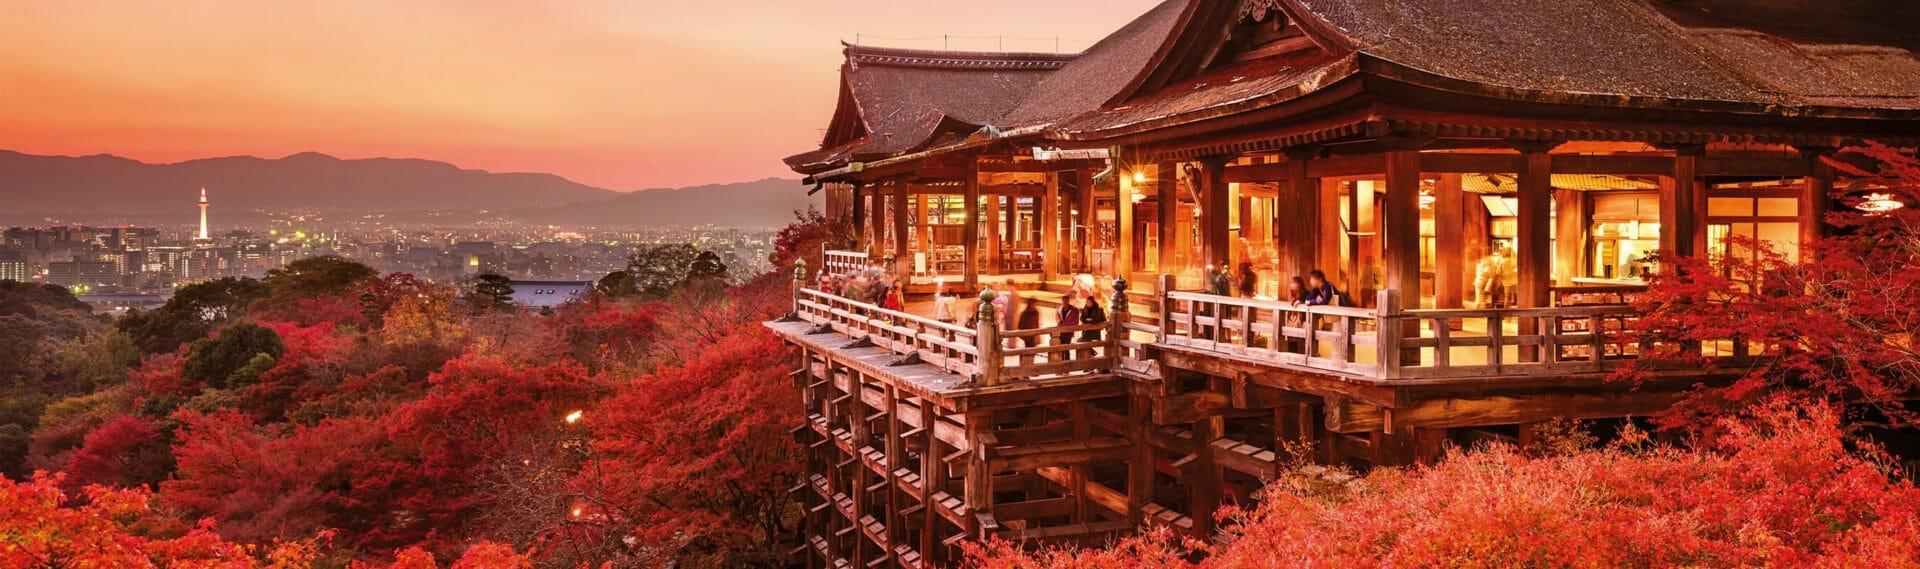 Kiyomizu Temple Kyoto, Japan